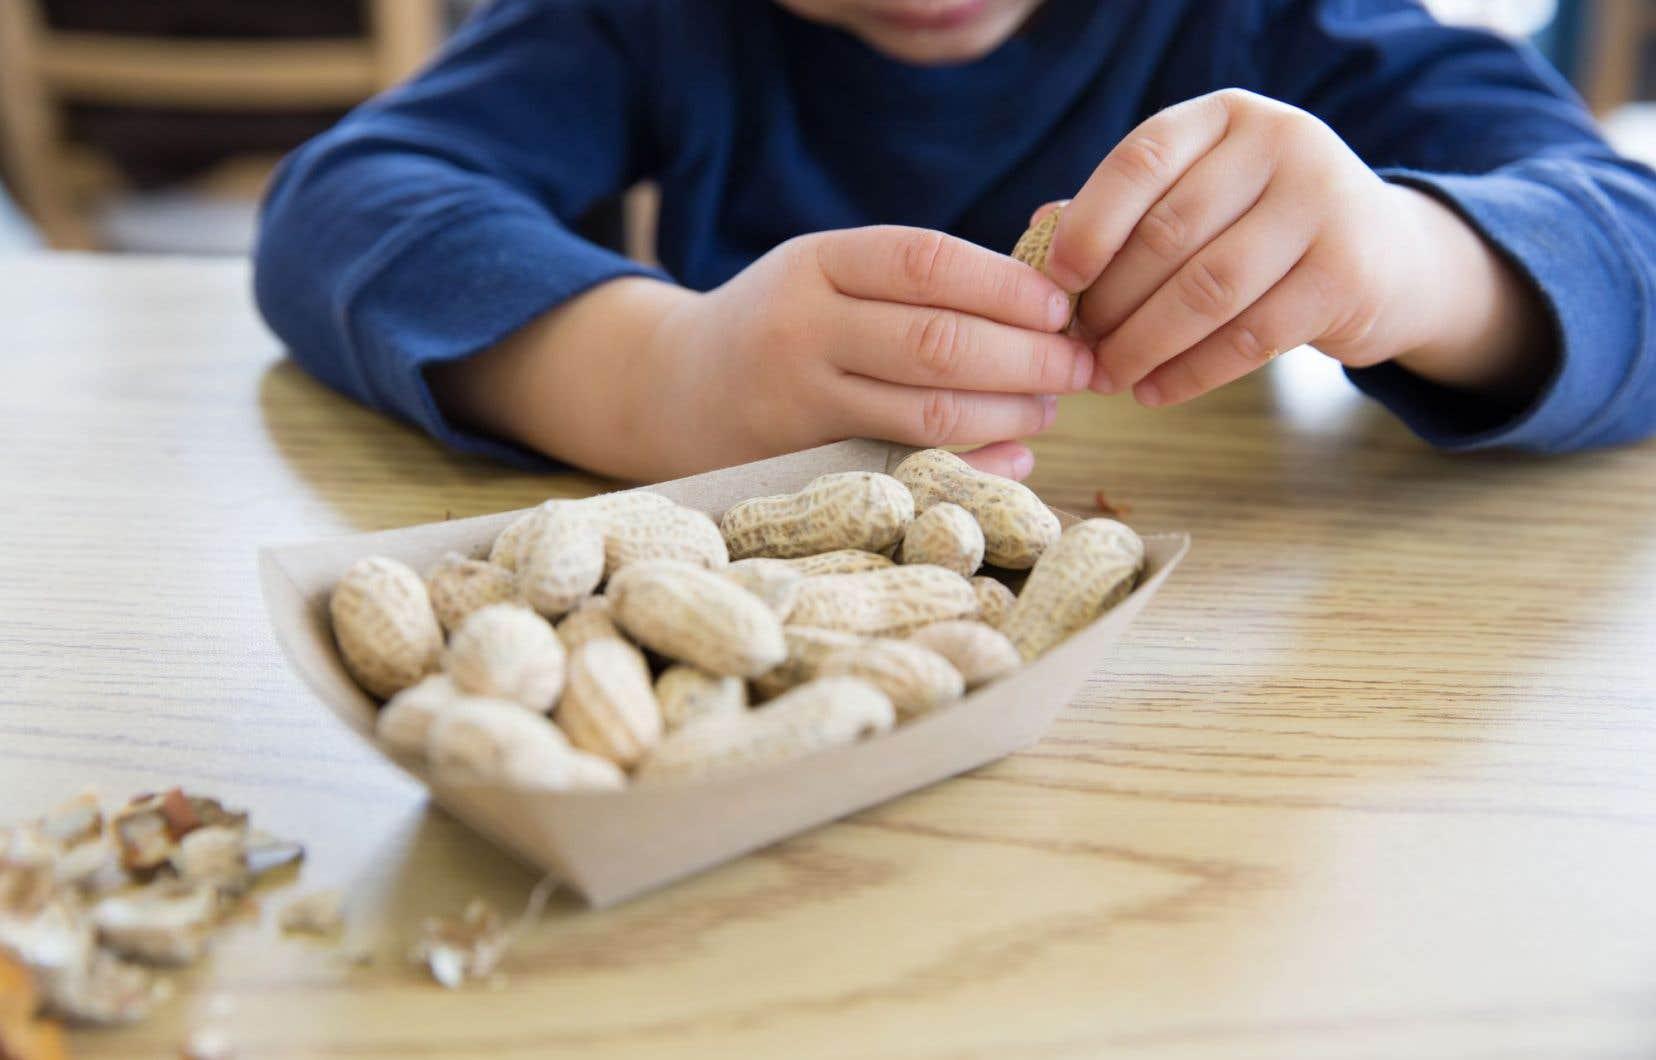 Il est estimé qu'aux États-Unis, 2% des enfants sont allergiques aux arachides.